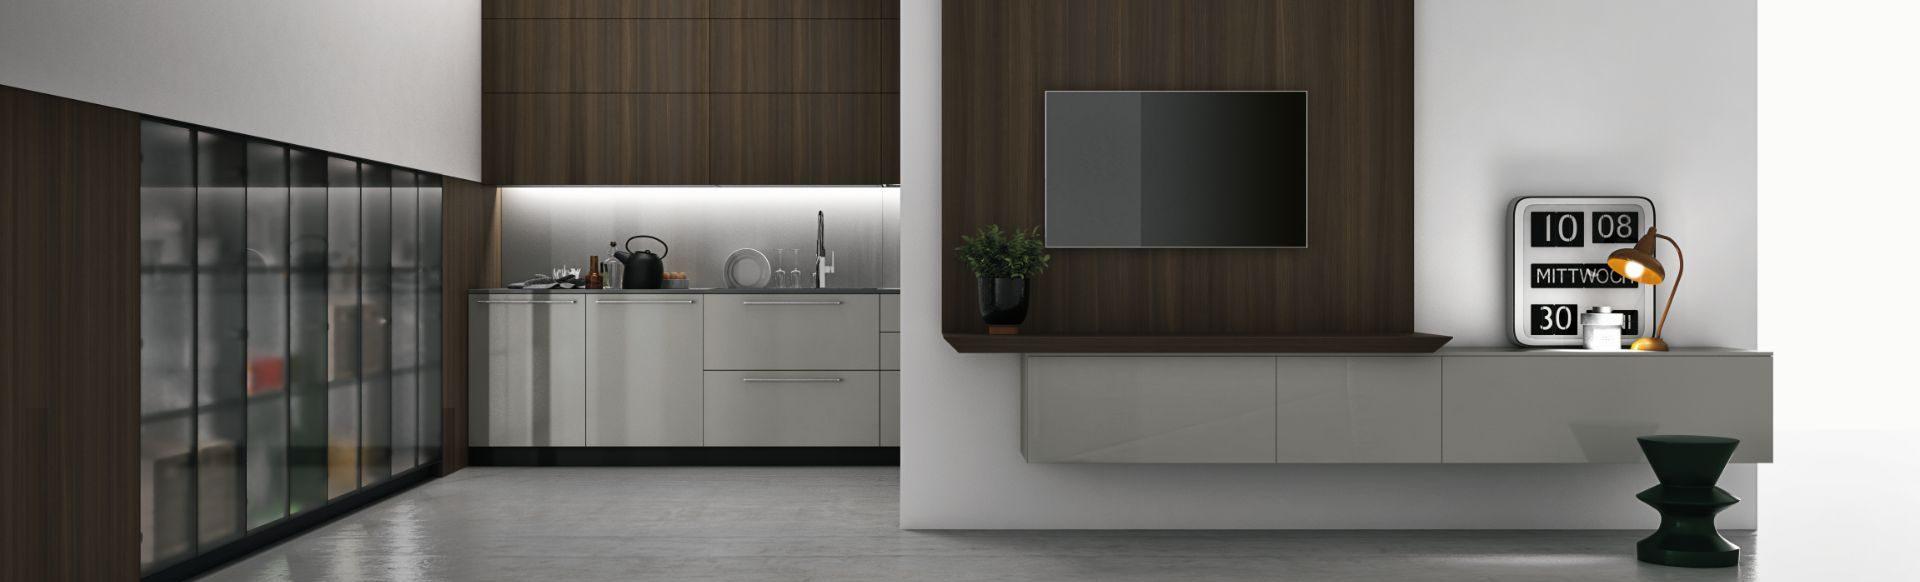 consigue-cocina-minimalista-hogar